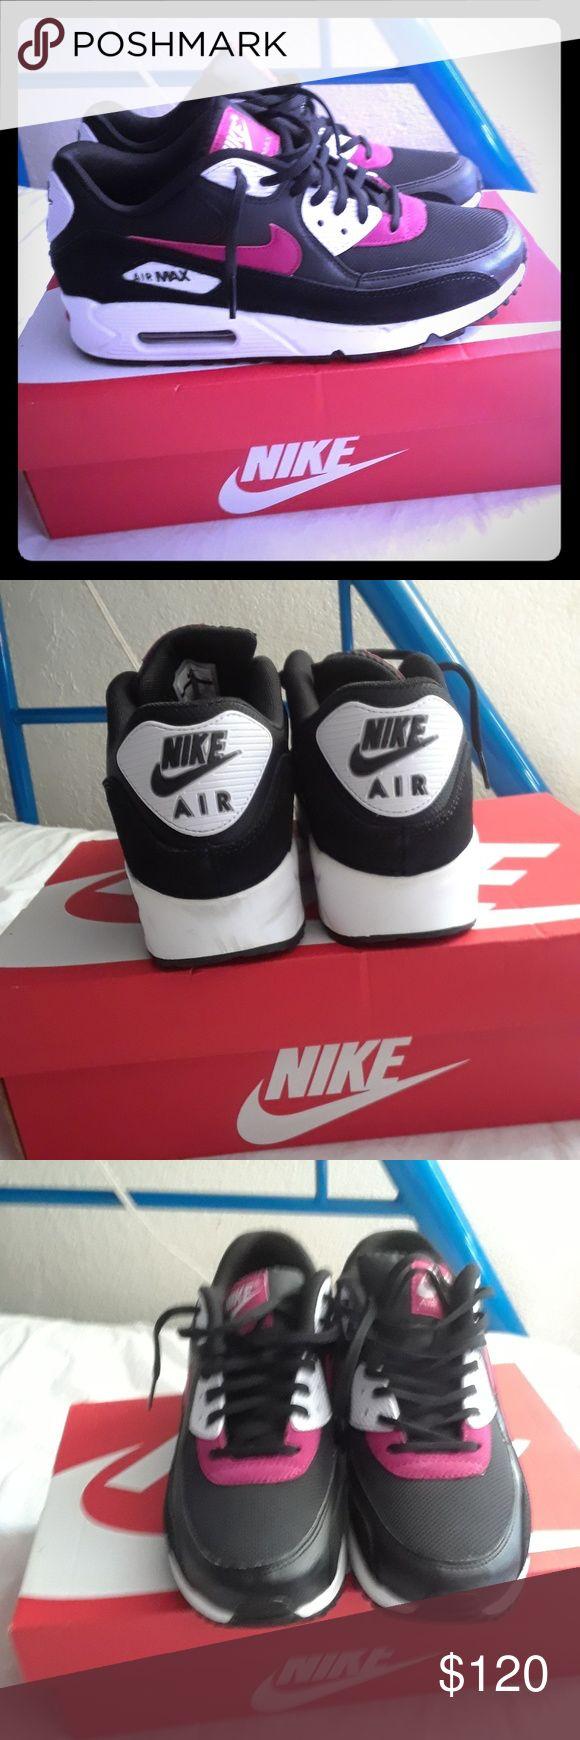 Zapatos nike para mujer Están semi nuevos sólo los use una vez 928 70th ave Oakland CA Shoes